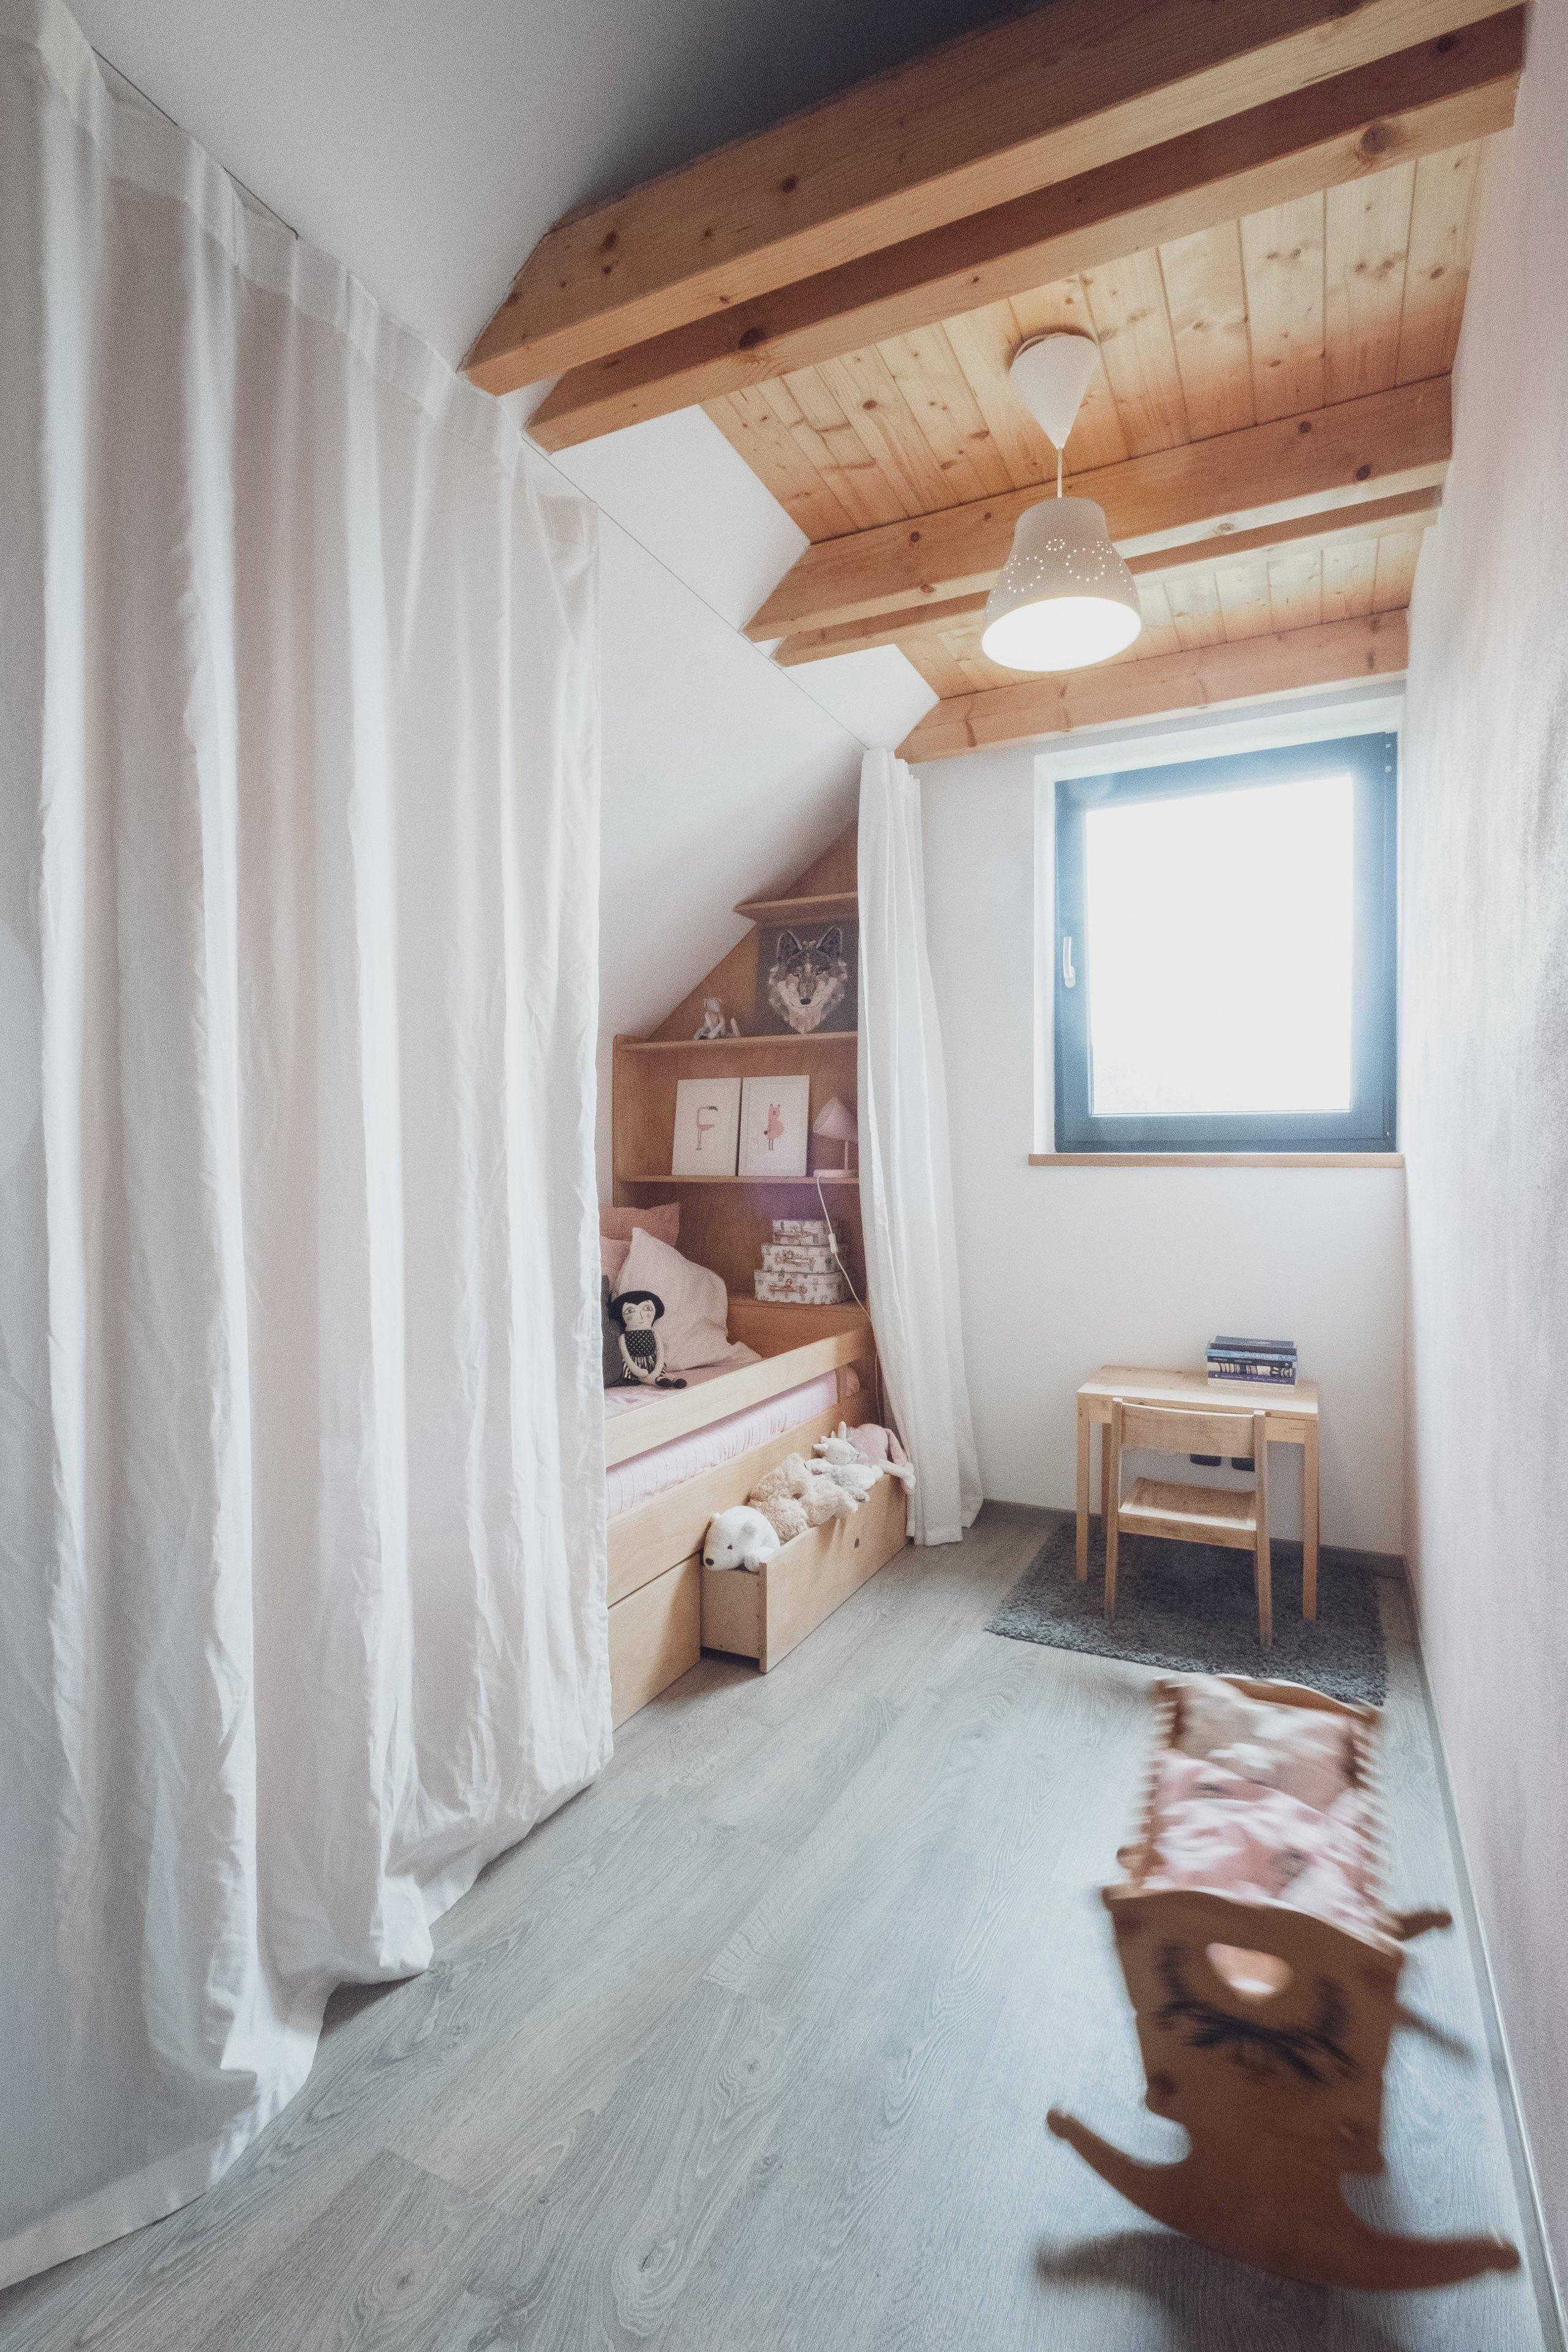 Dětský pokoj kprvním narozeninám malé Belly vpodkroví novostavby rodinného domu je prostorově skromný. Úzká dispozice a zkosená šikmina střechy…